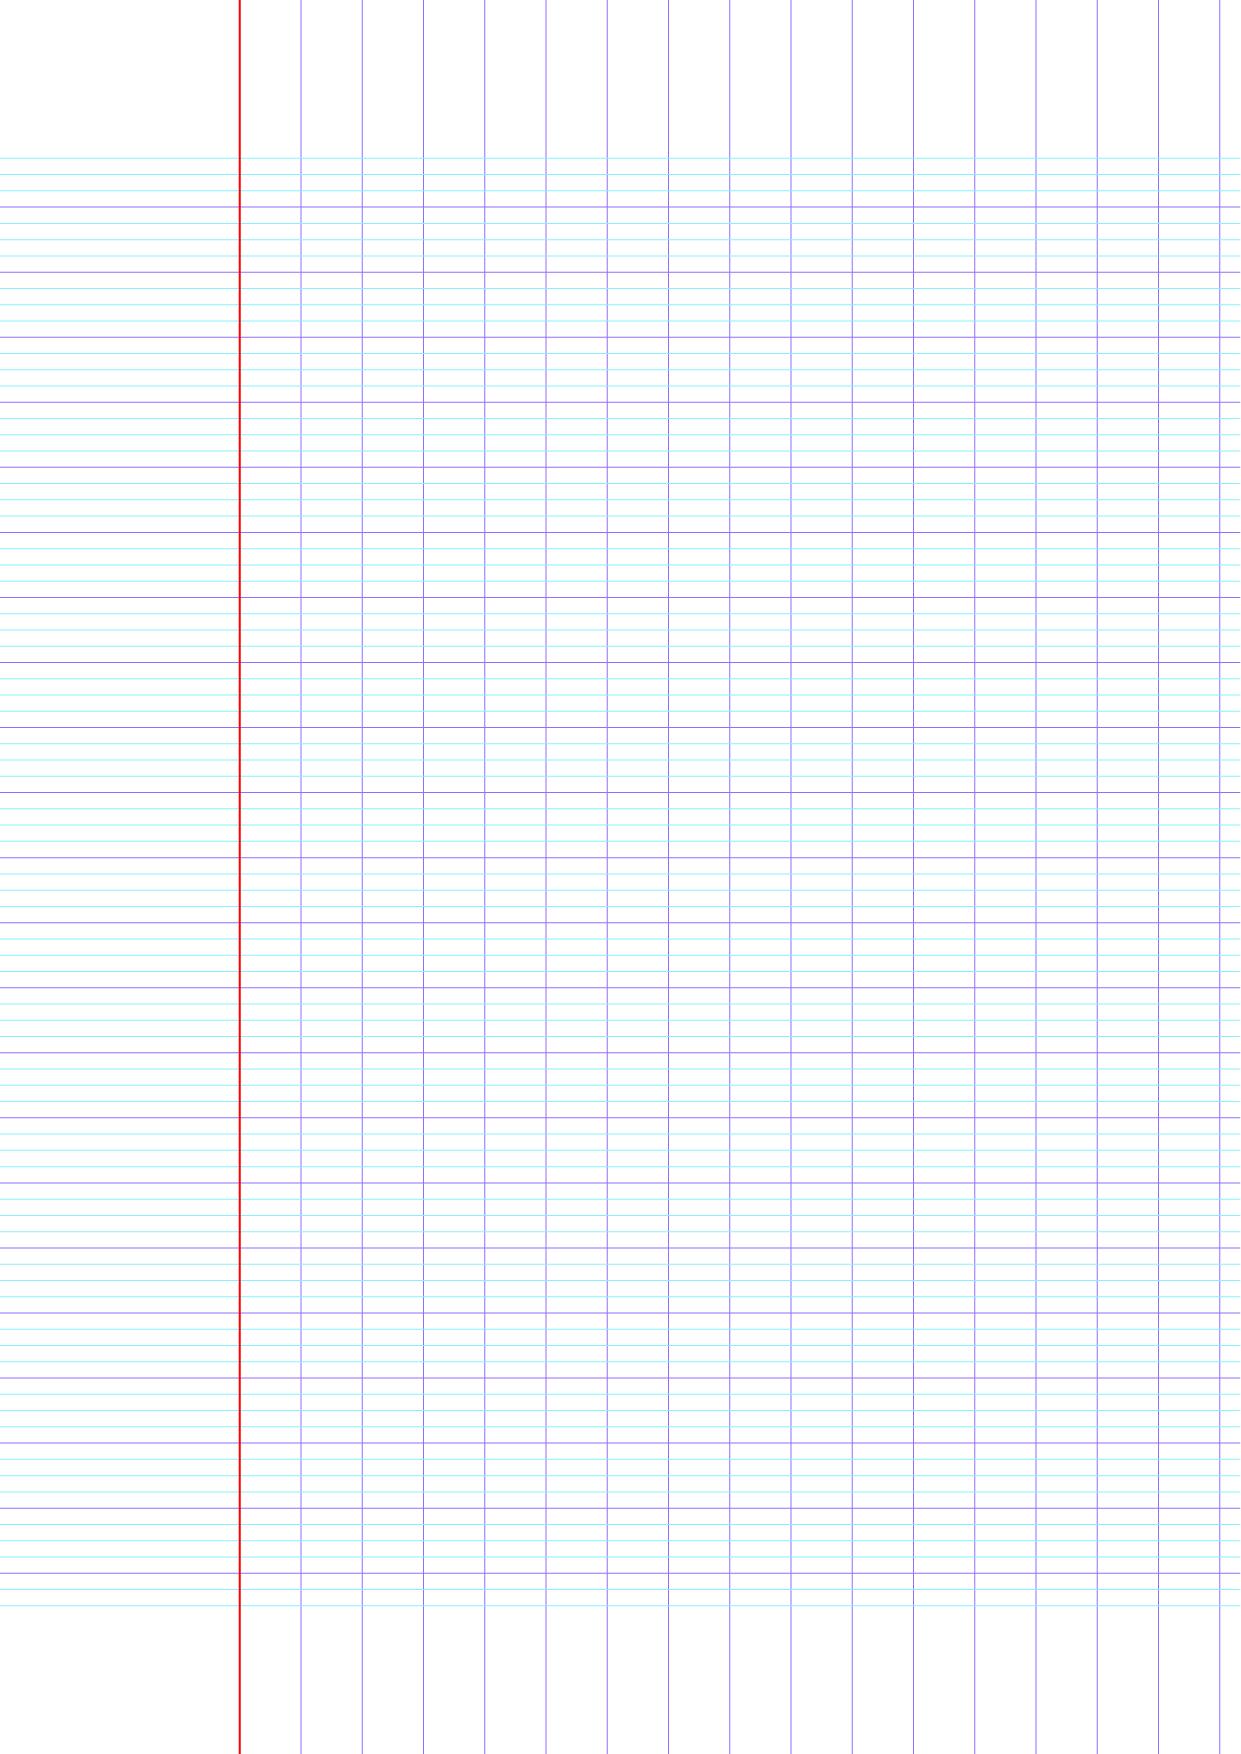 Feuille D'écriture Vierge À Imprimer | Exercices D'écriture serapportantà Exercice Gs En Ligne